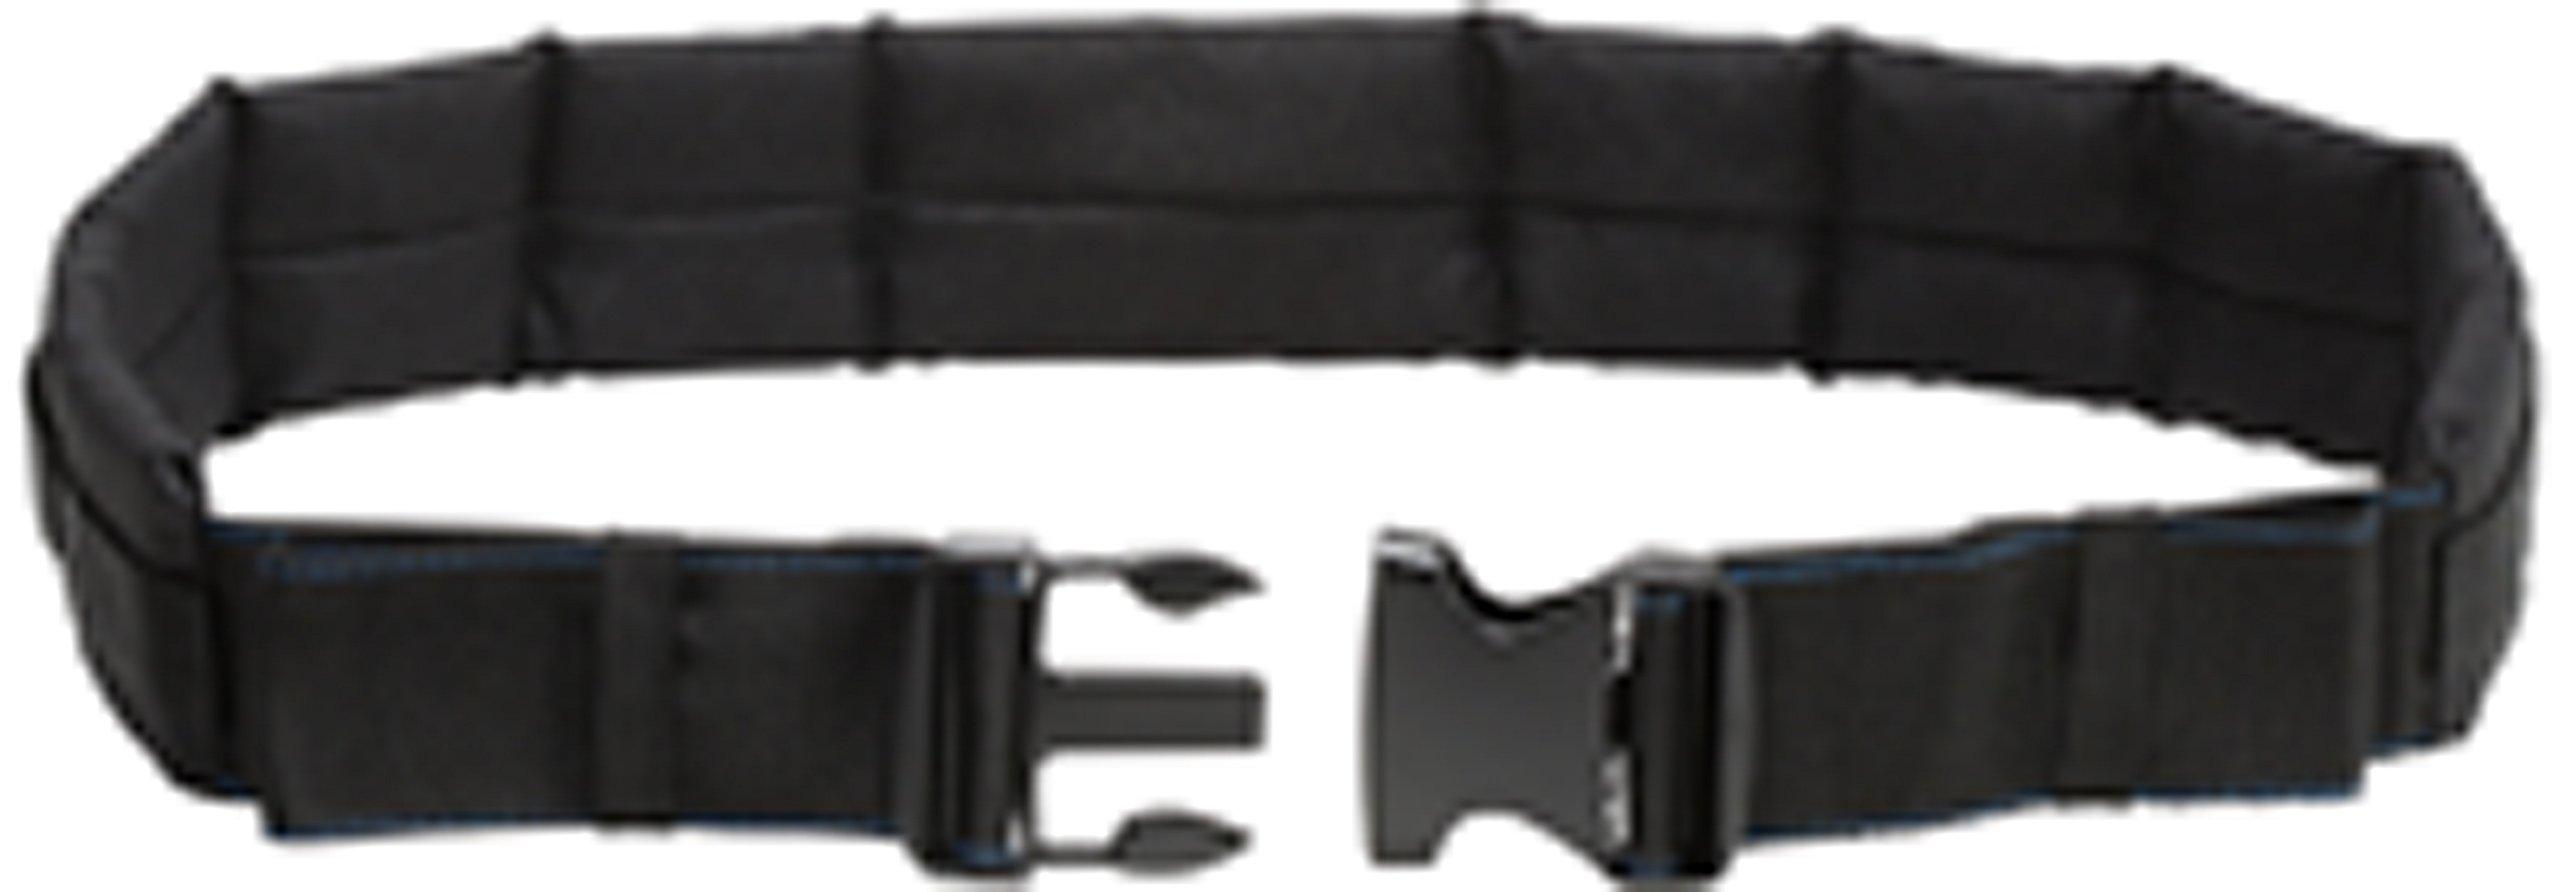 Tool Belt for E4, E5, E6, E8 Thermal Cameras by FLIR (Image #1)